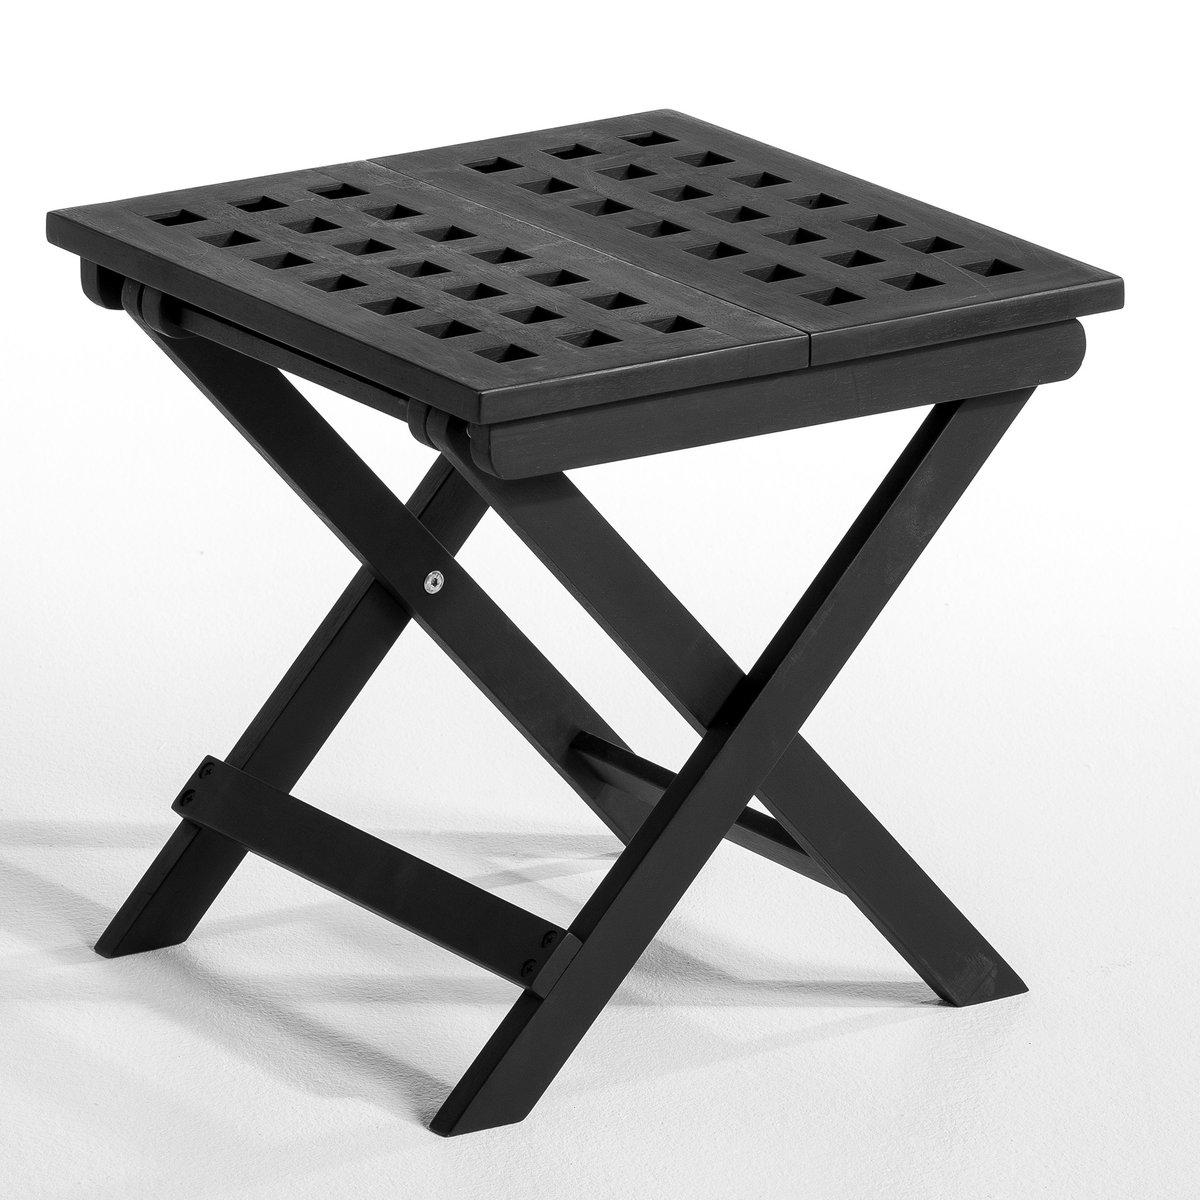 Столик садовый складной, MeltemХарактеристики:- Столешница из древесины с решётчатым рисунком.                Размеры:- Д.40 x В.40 x Г.40 см.      Размеры и вес коробки:- Д.54 x В.8 x Г.43 см, 3,5 кг.<br><br>Цвет: черный